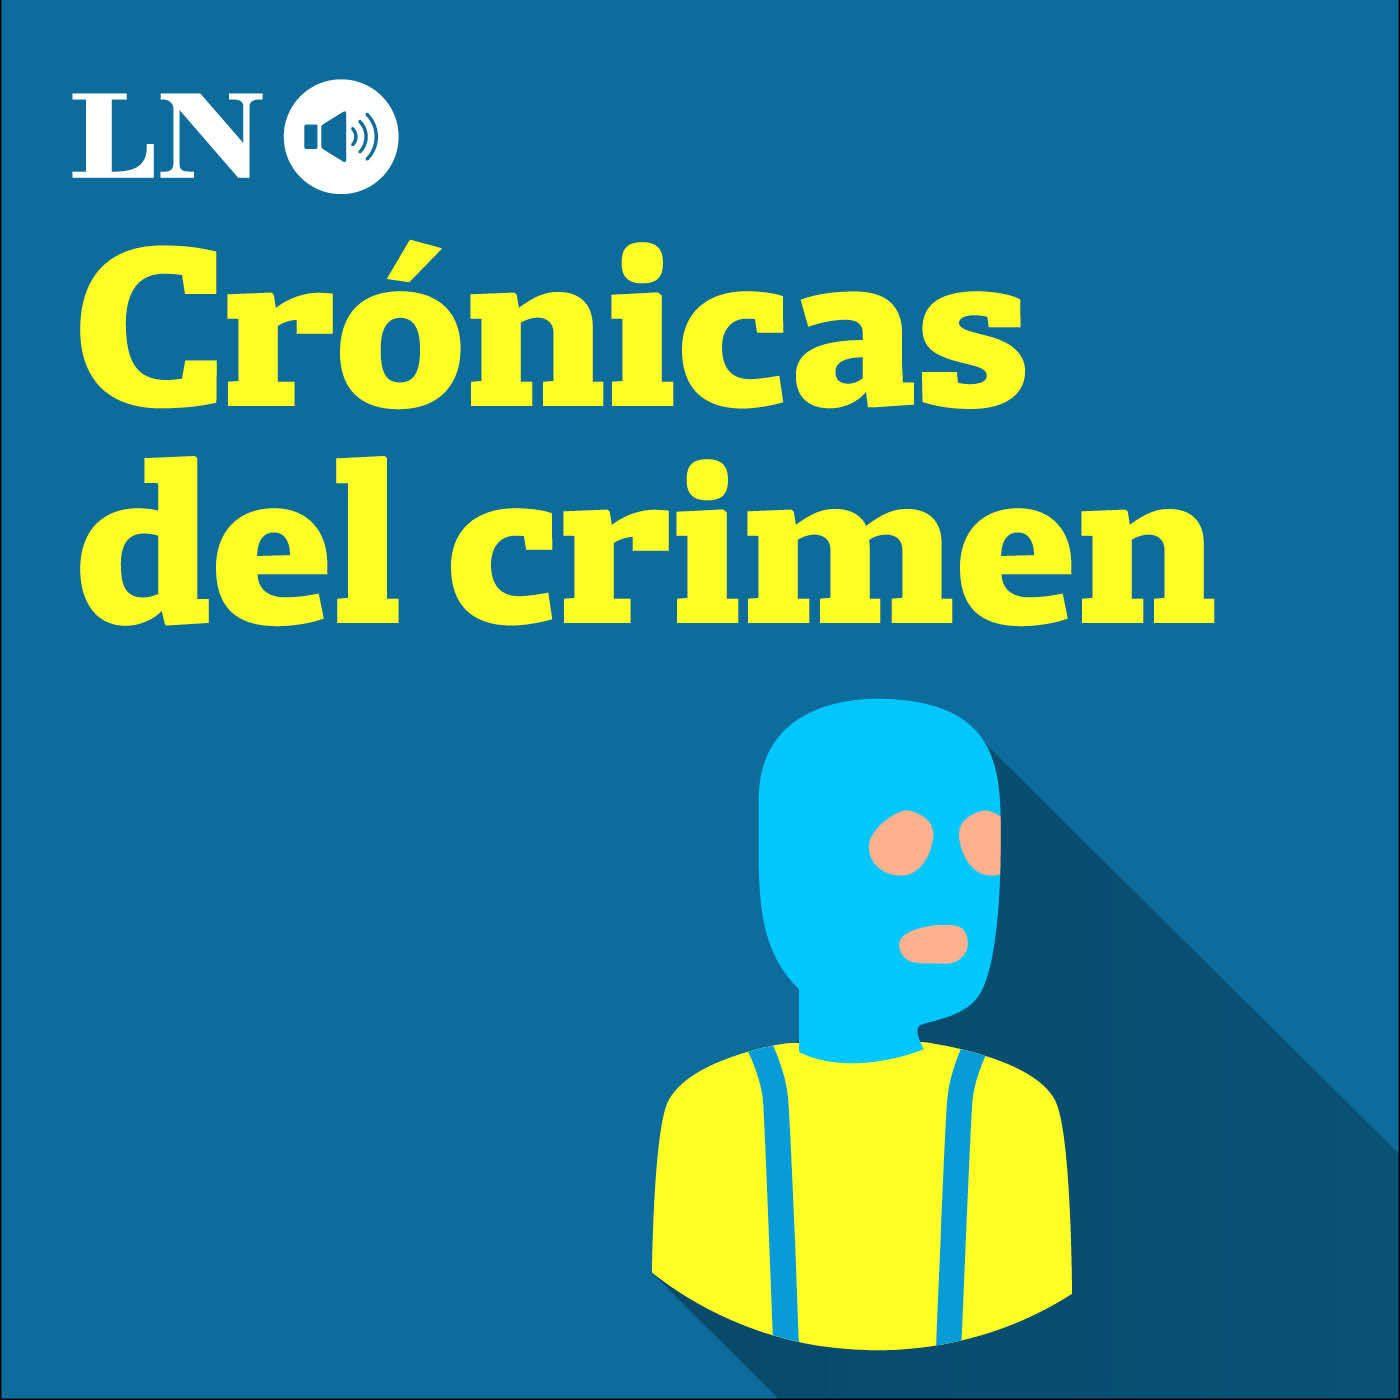 Los Doce Apóstoles y uno de los motines más sangrientos de la historia carcelaria argentina